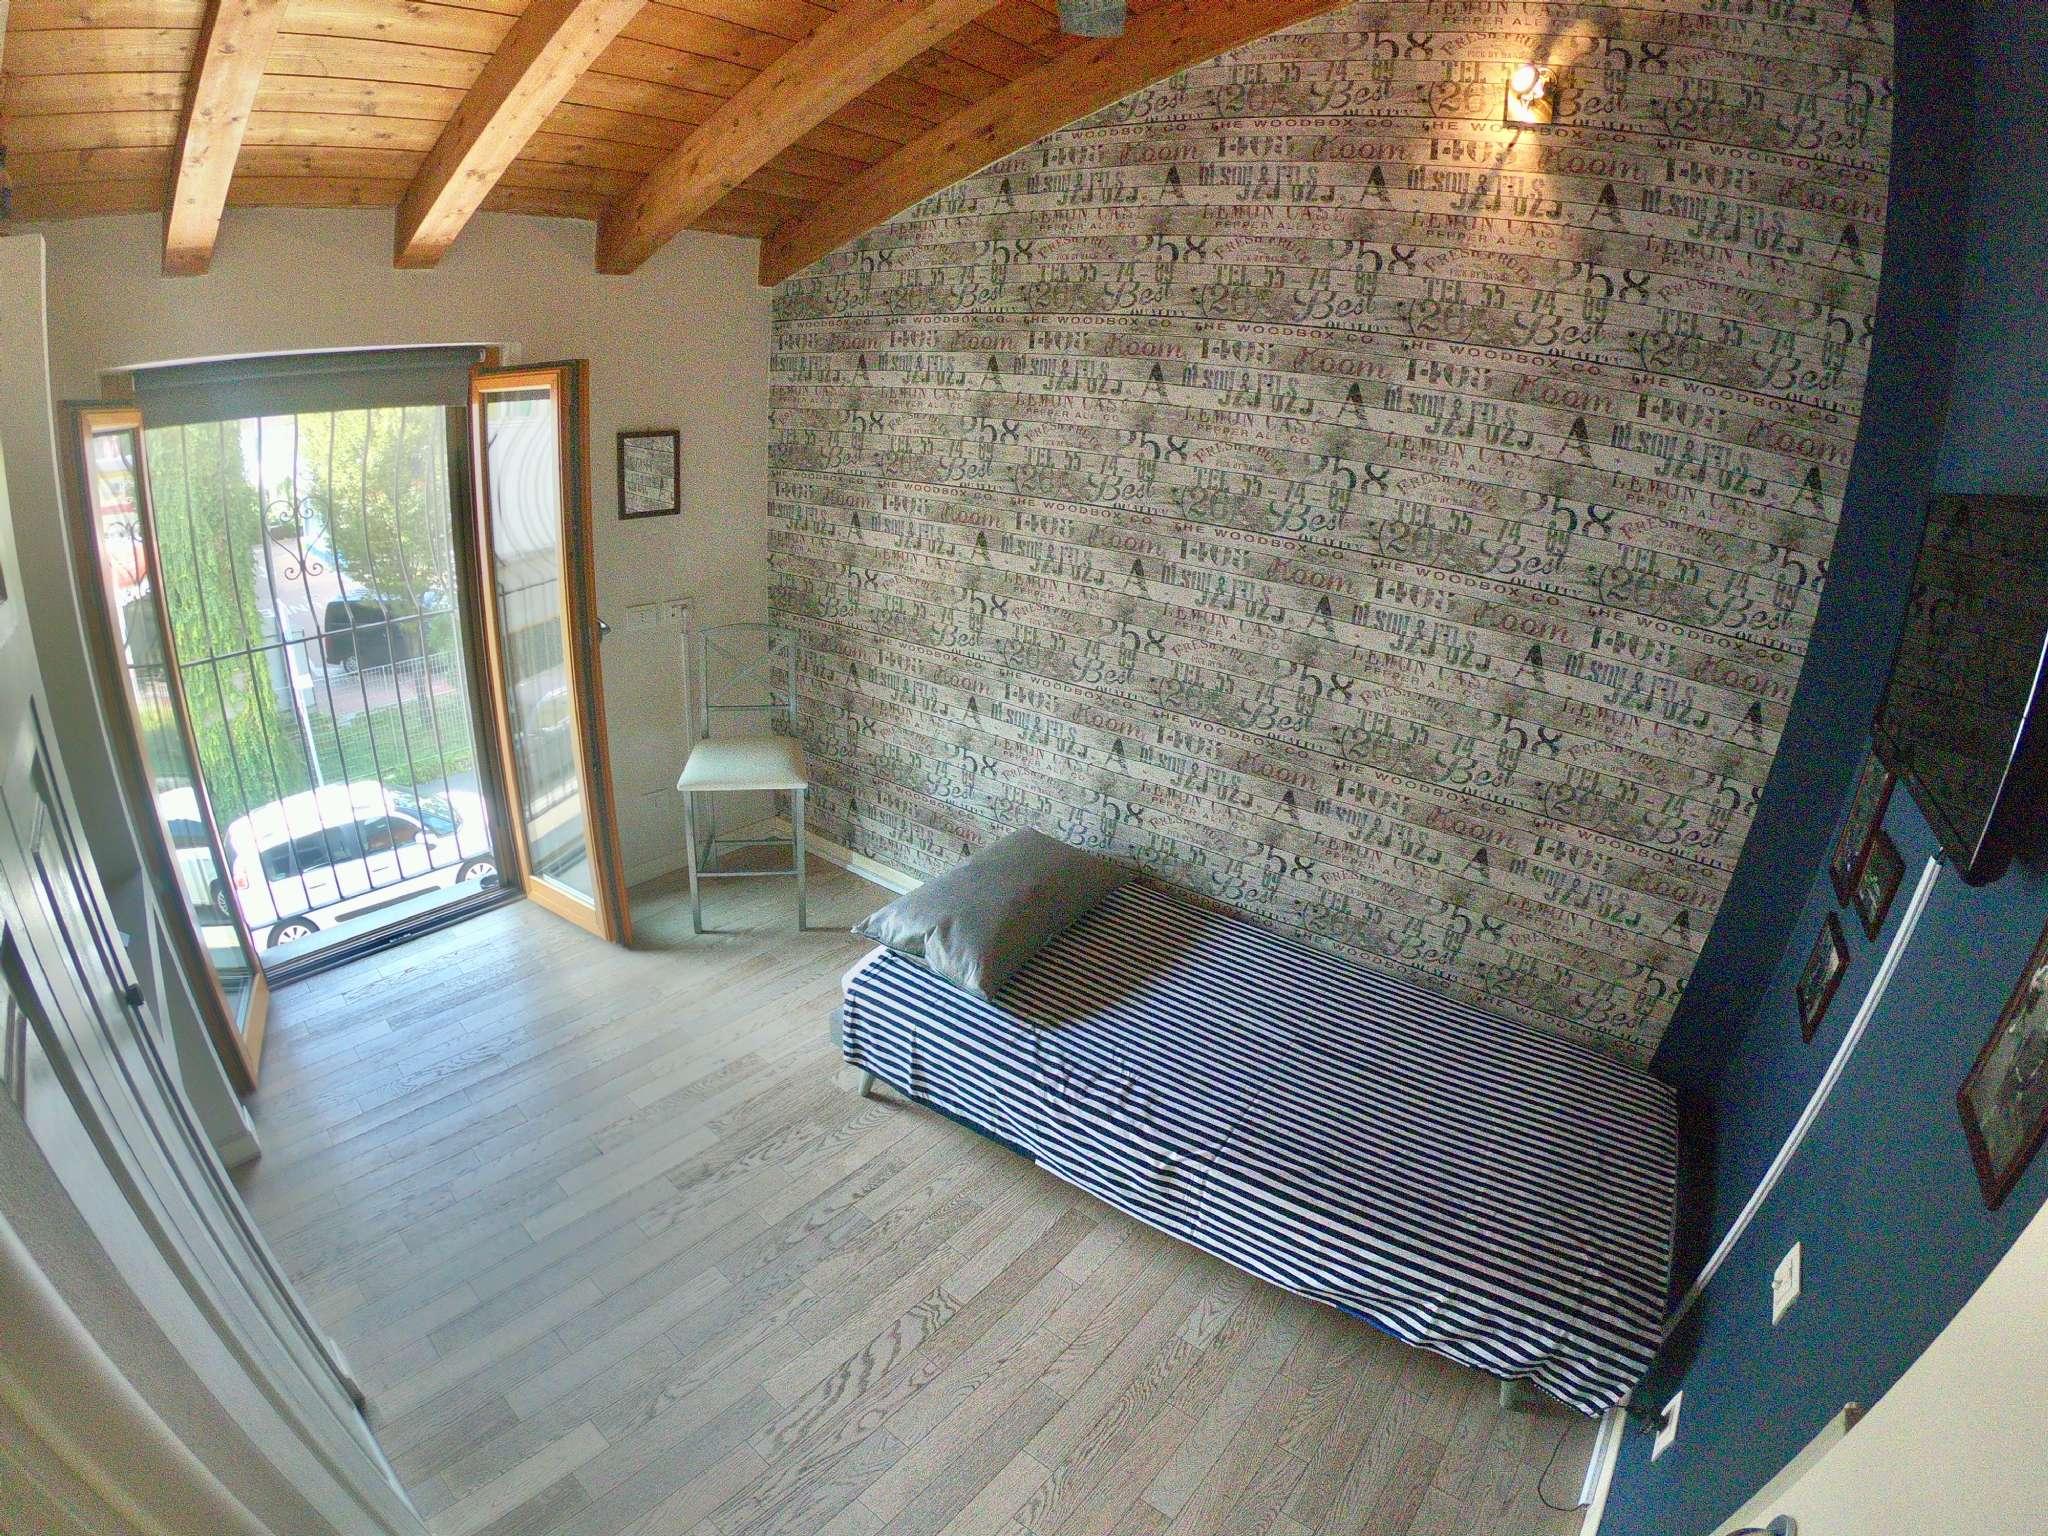 Stanza / posto letto in affitto Rif. 7890945